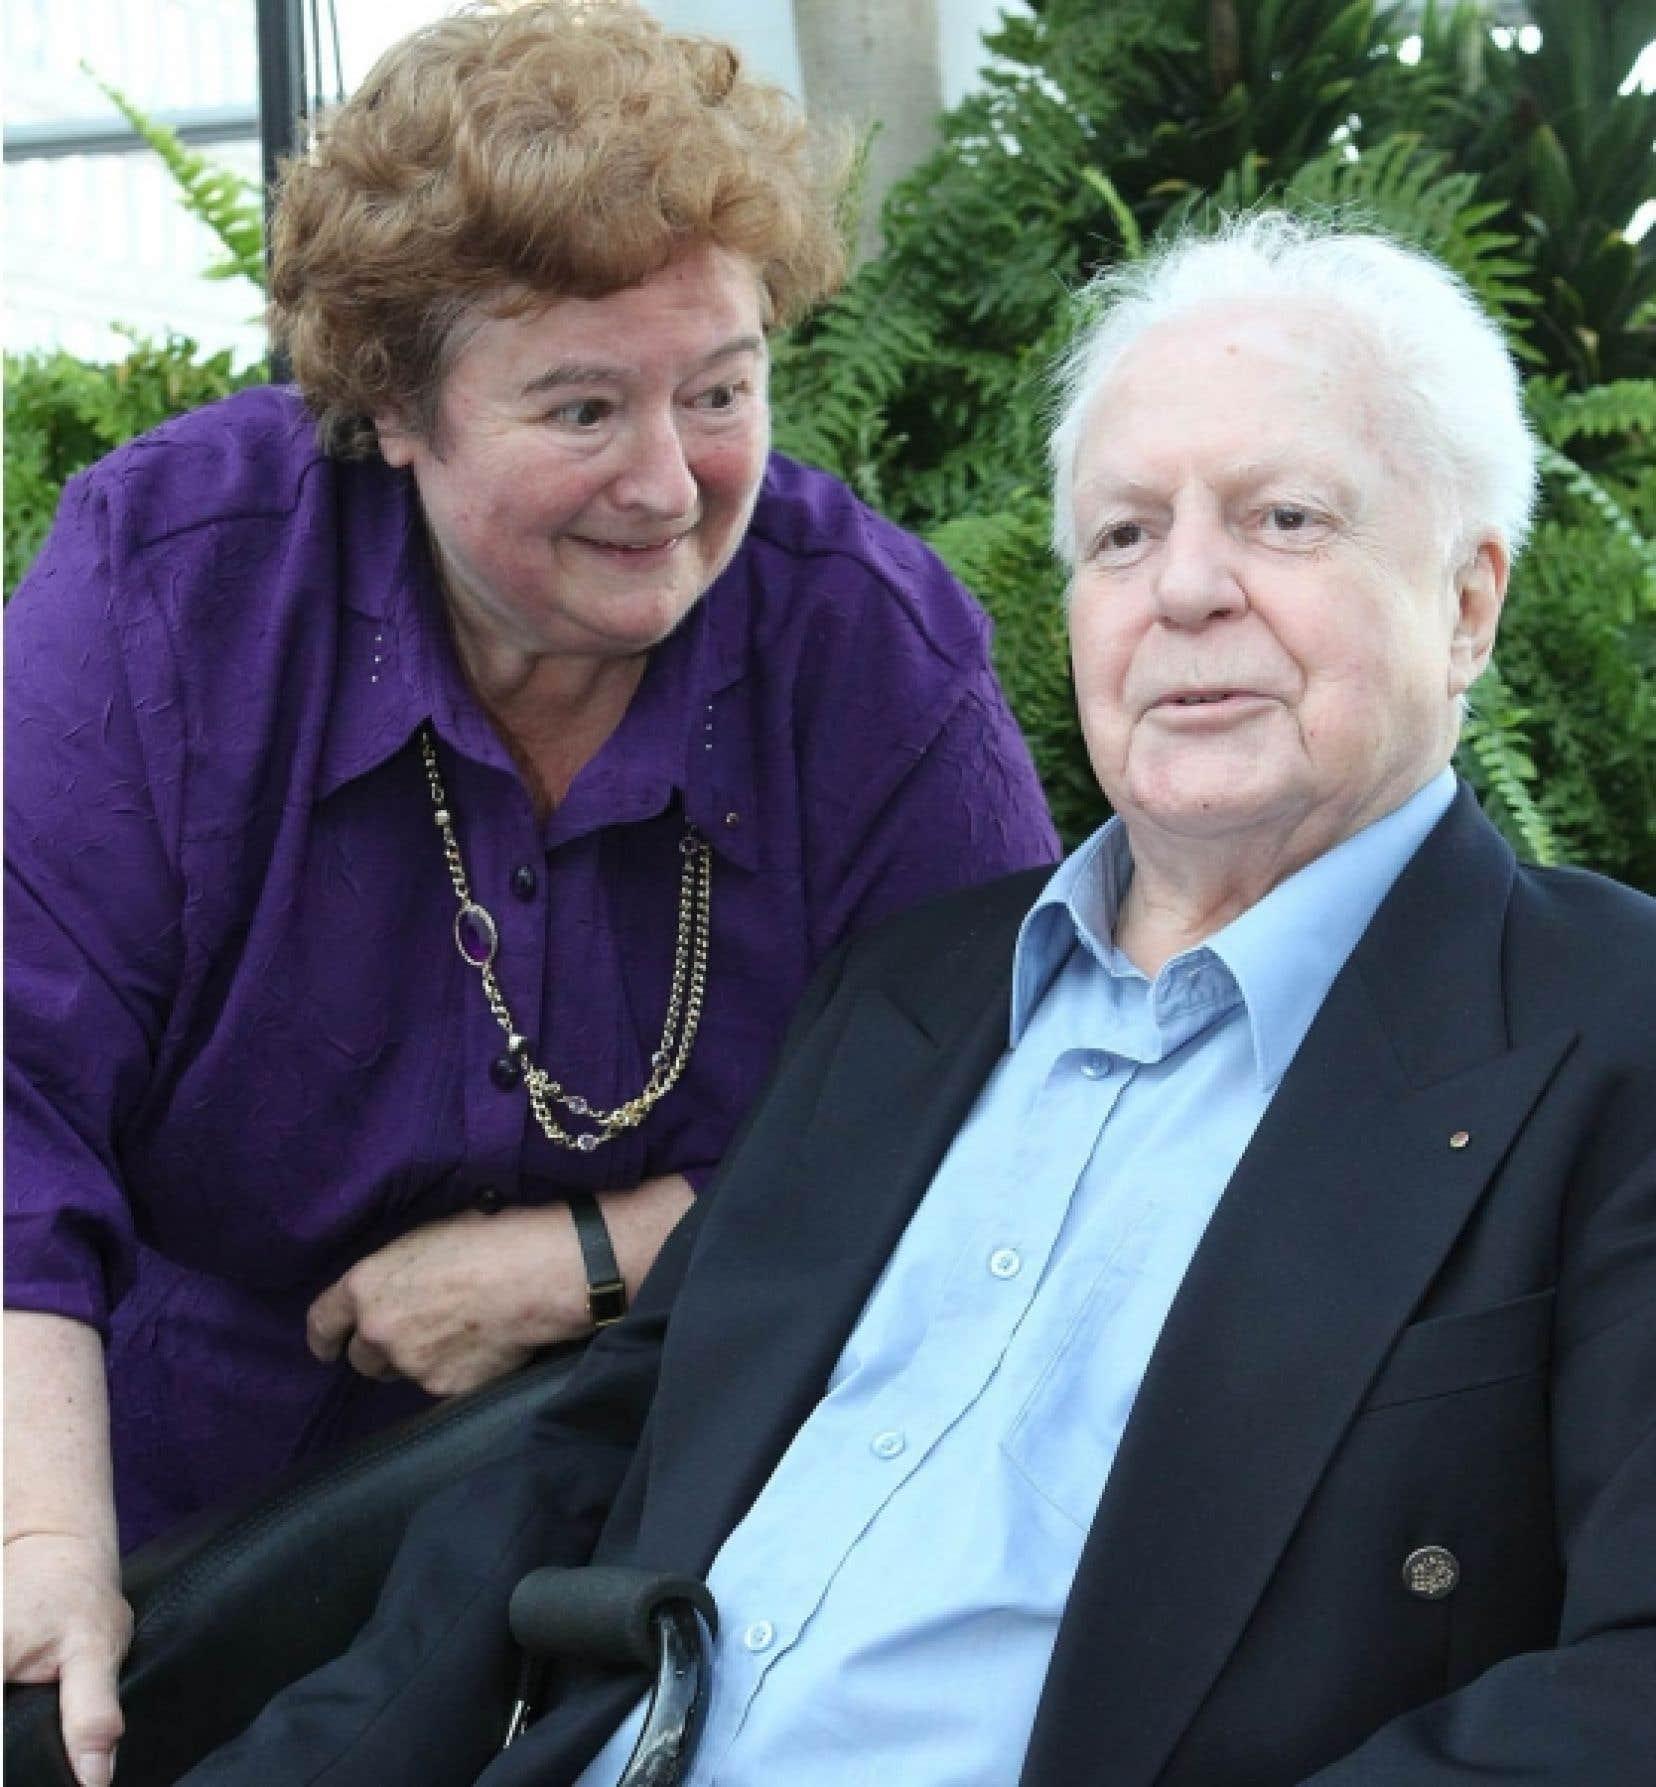 Jean-Marc Léger fut honoré en mai dernier pour le rôle essentiel qu'il a joué dans l'essor de la Francophonie. On le voit ici aux côtés de son épouse, Anne-Marie Ramet.<br />